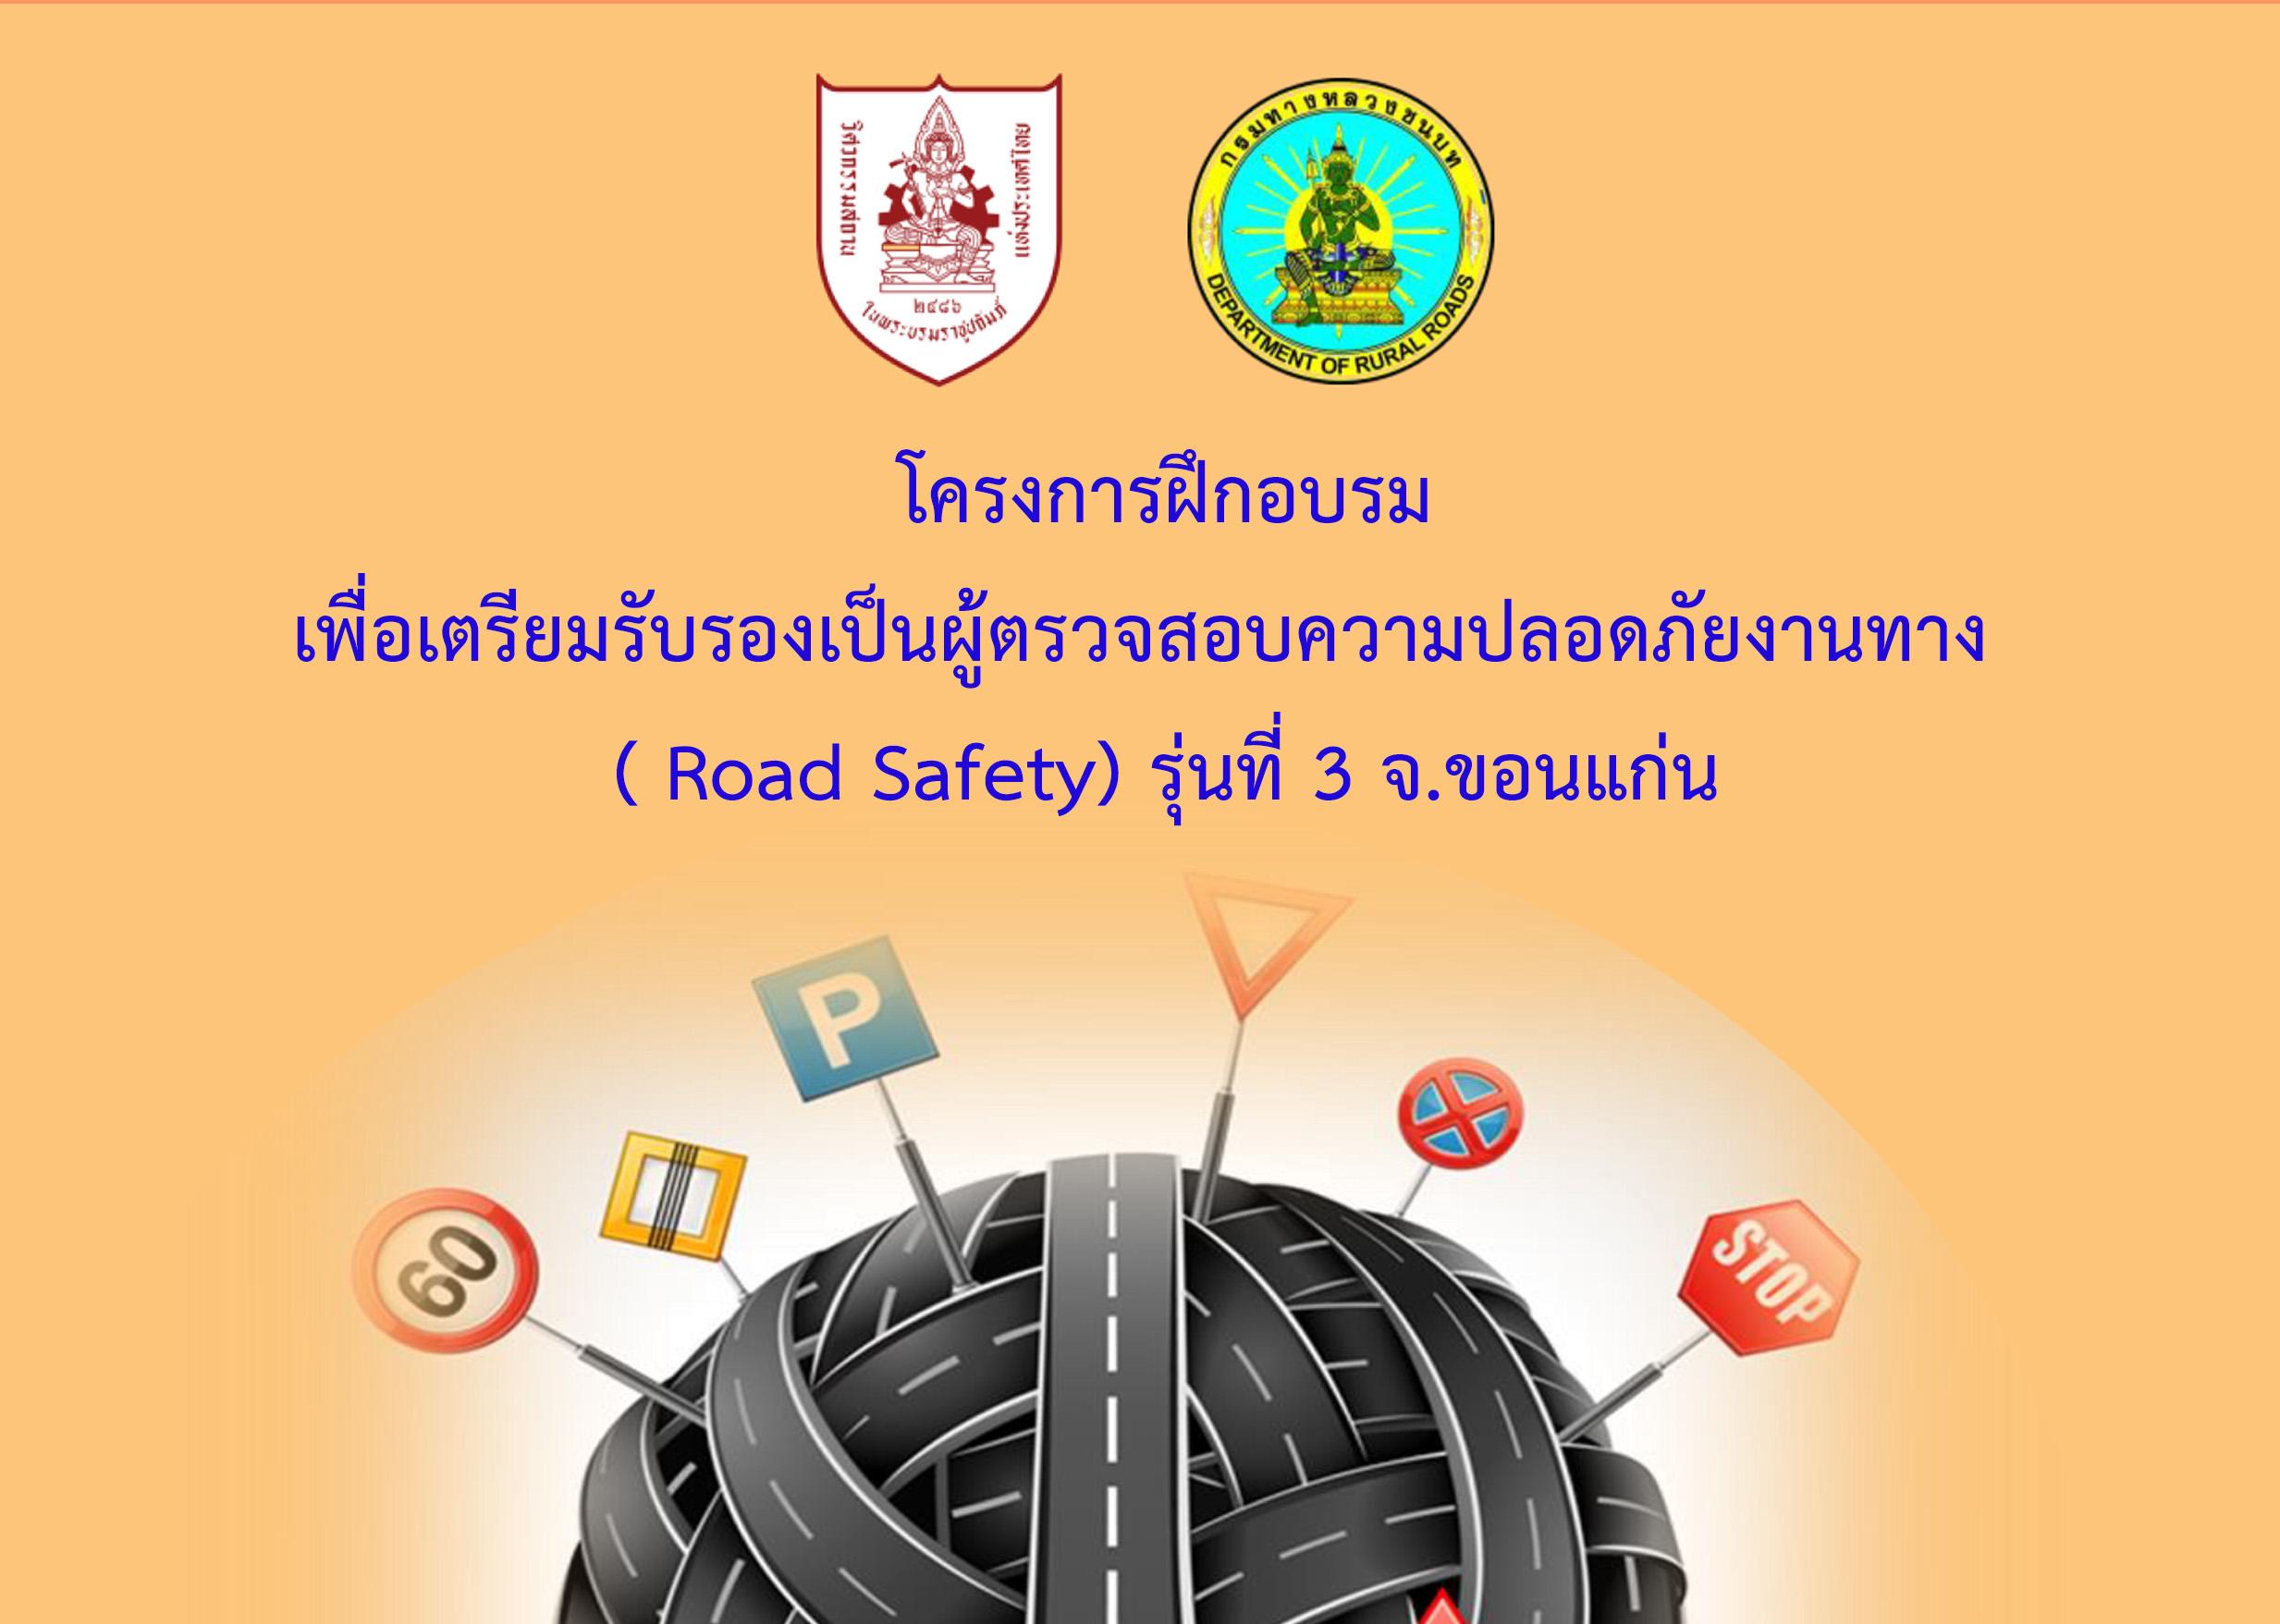 21-23/03/61โครงการฝึกอบรม เพื่อเตรียมรับรองเป็นผู้ตรวจสอบความปลอดภัยงานทาง  ( Road Safety Audit)   สำหรับกรมทางหลวงชนบท (รุ่นที่3) จ.ขอนแก่น